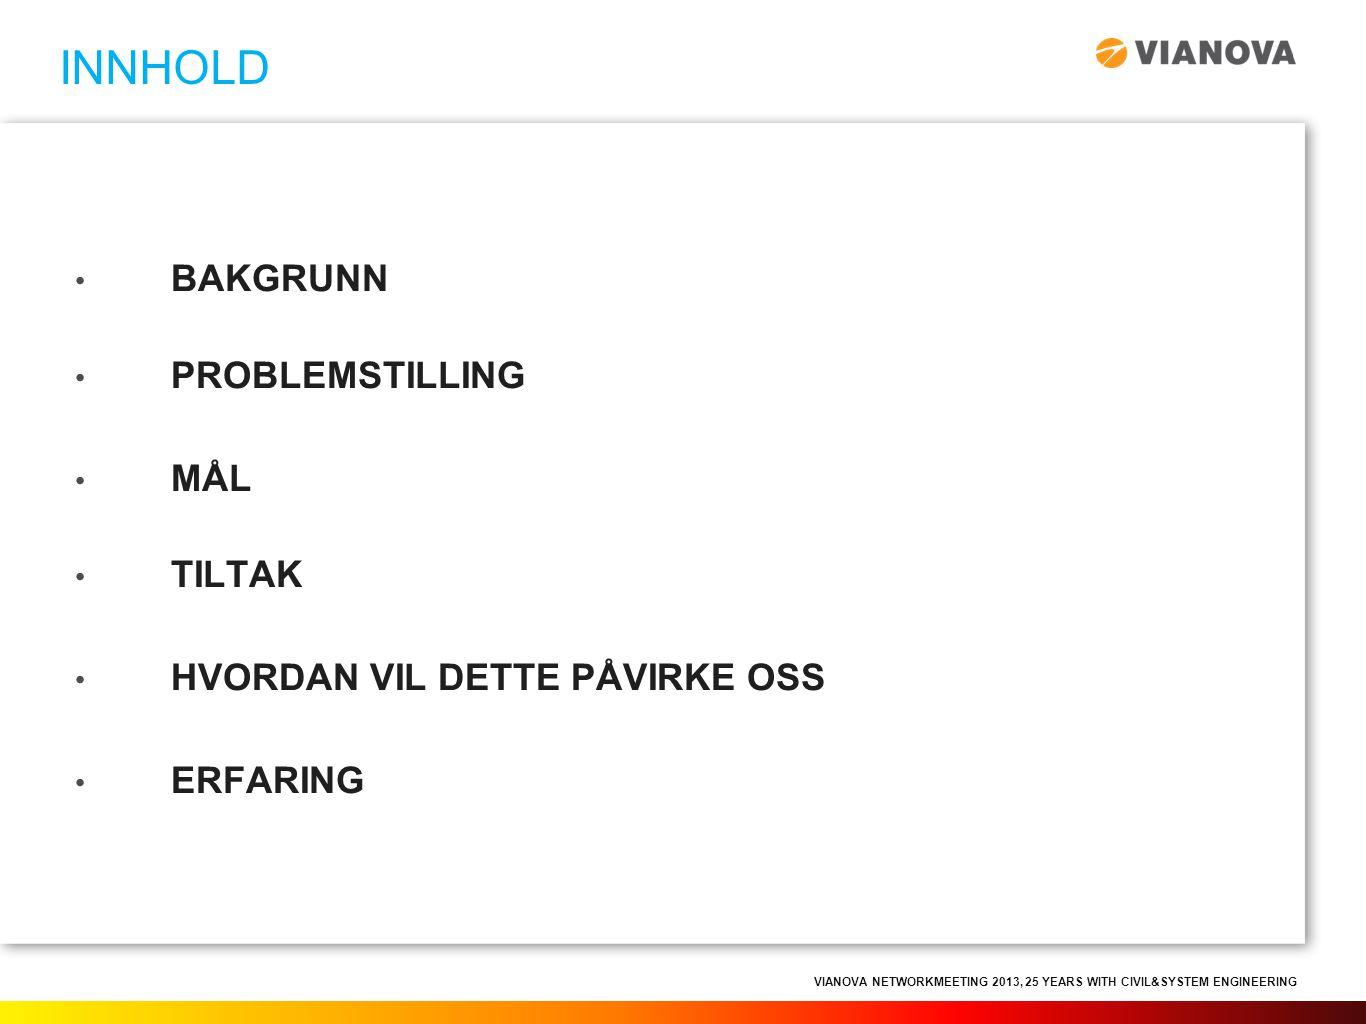 VIANOVA NETWORKMEETING 2013, 25 YEARS WITH CIVIL&SYSTEM ENGINEERING • BAKGRUNN • PROBLEMSTILLING • MÅL • TILTAK • HVORDAN VIL DETTE PÅVIRKE OSS • ERFA